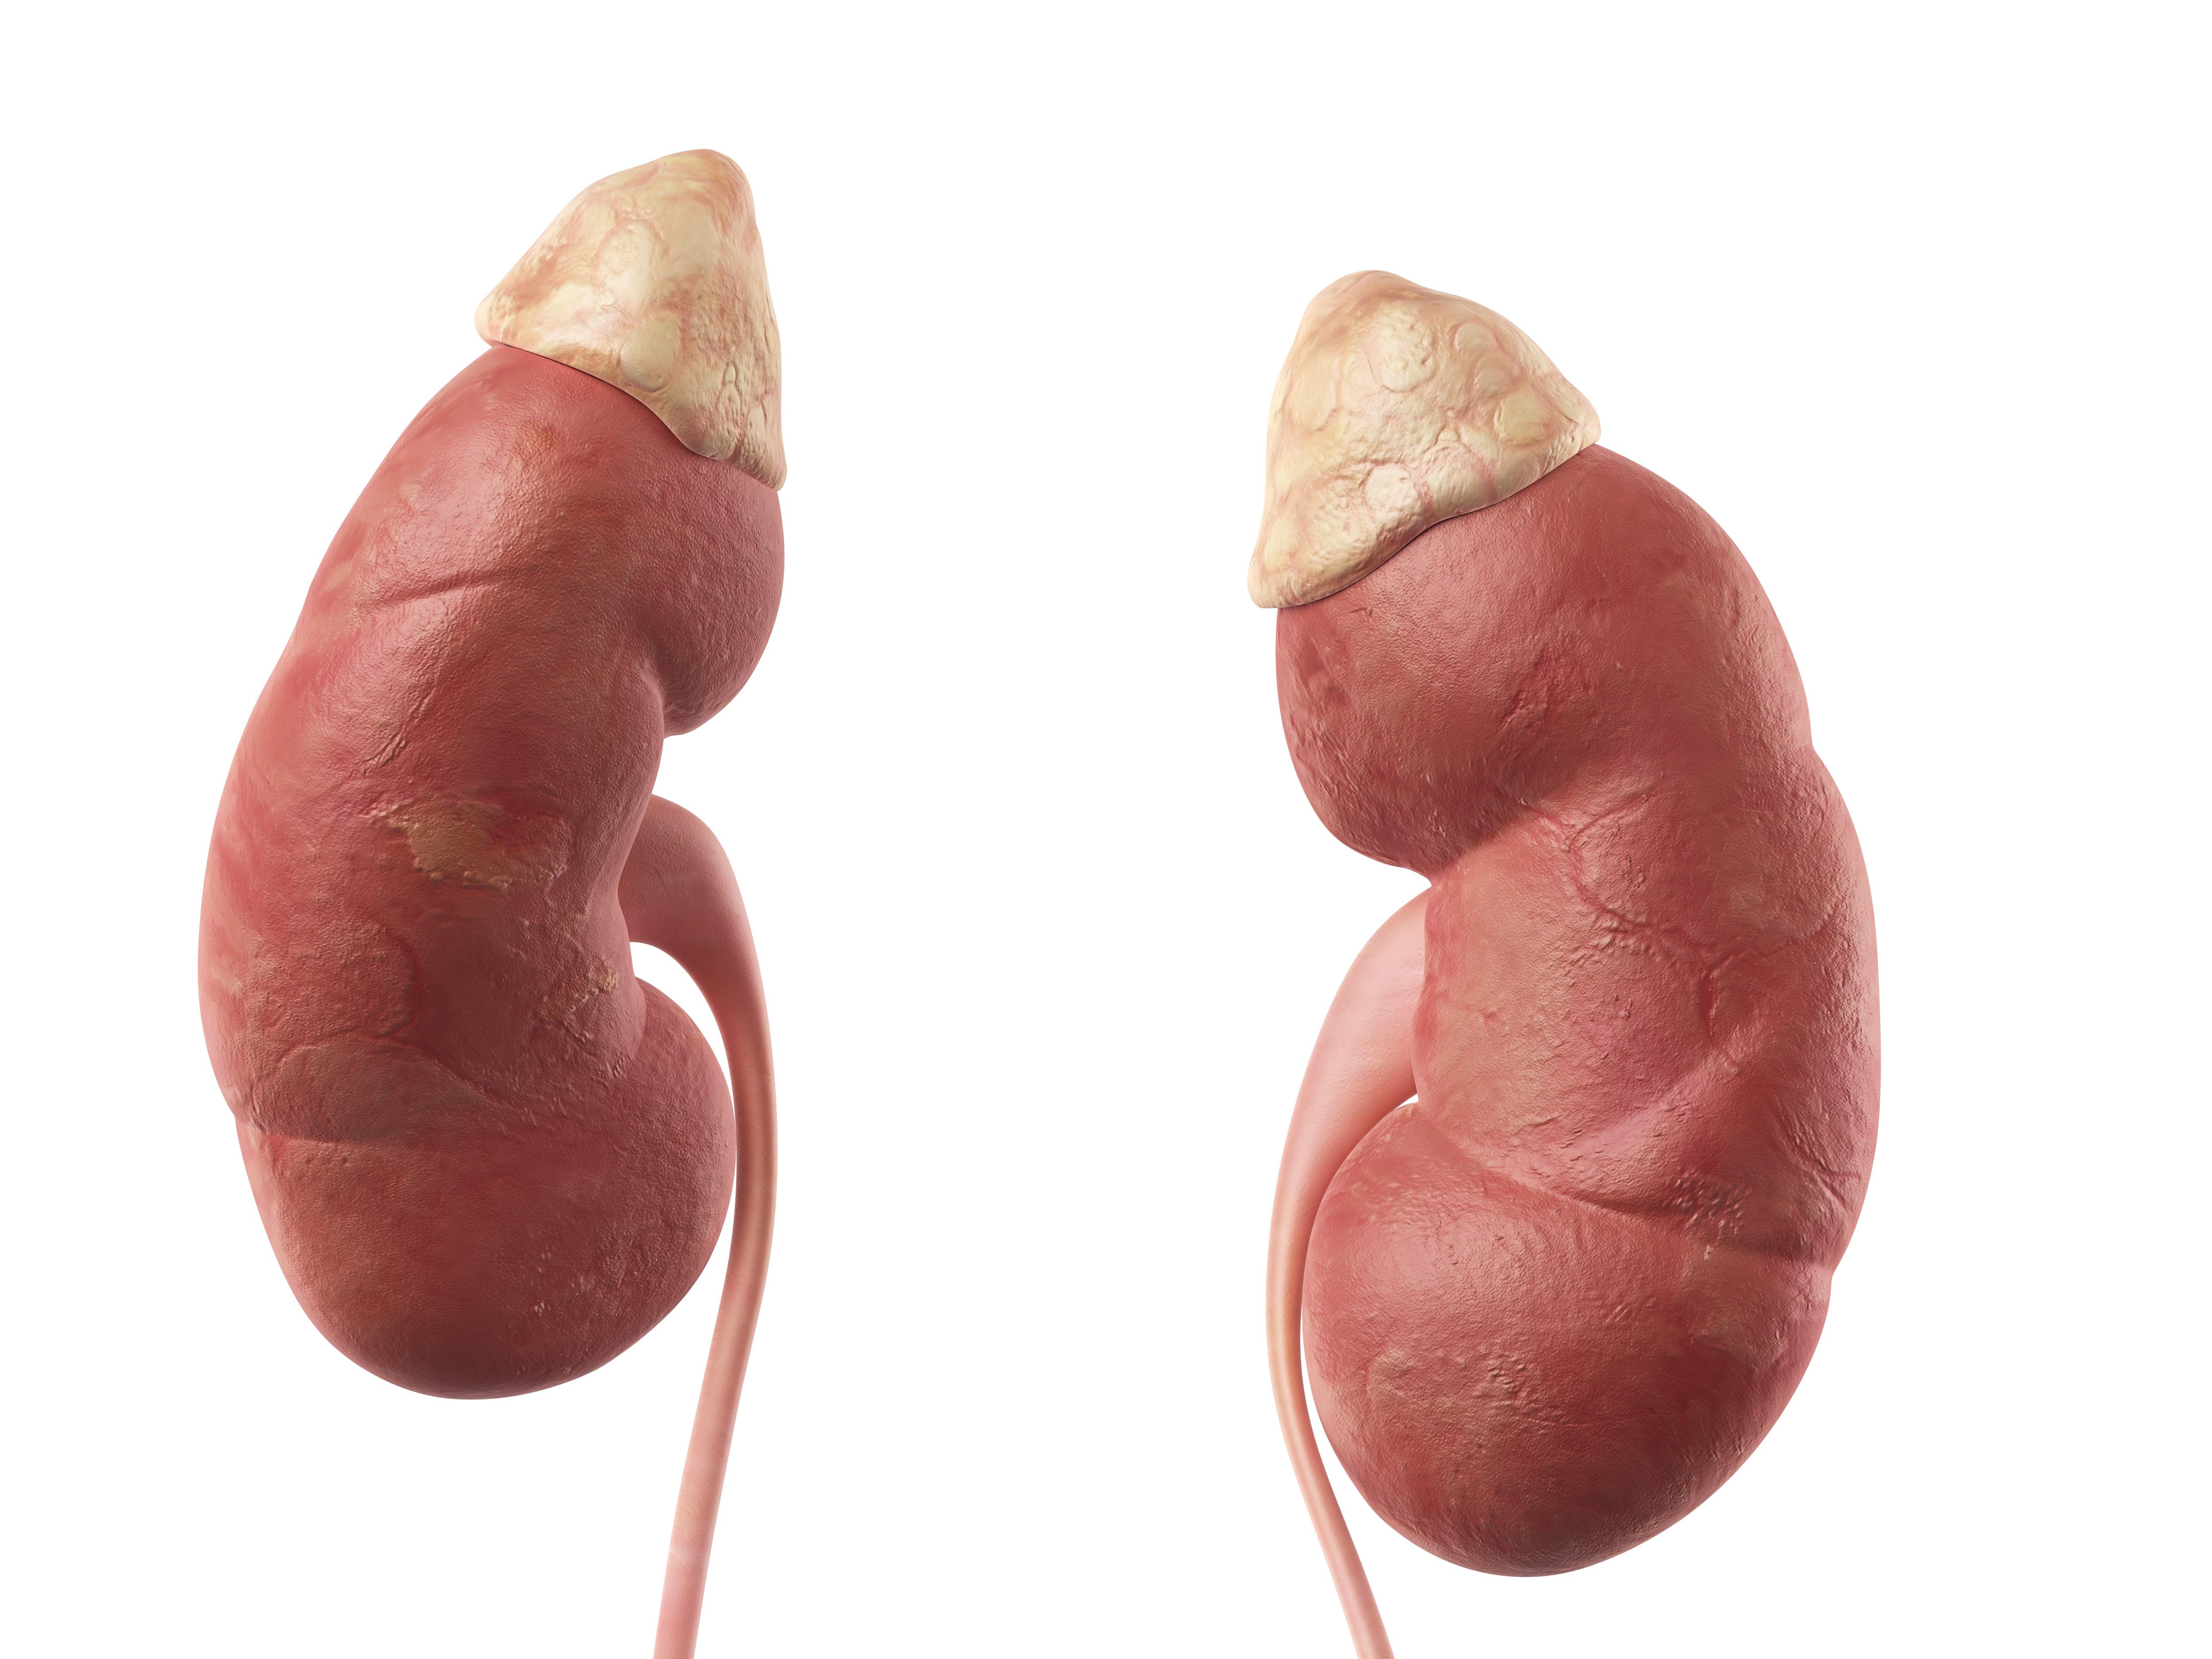 Gemütlich Wo Sind Die Nieren Auf Den Menschlichen Körper Befindet ...